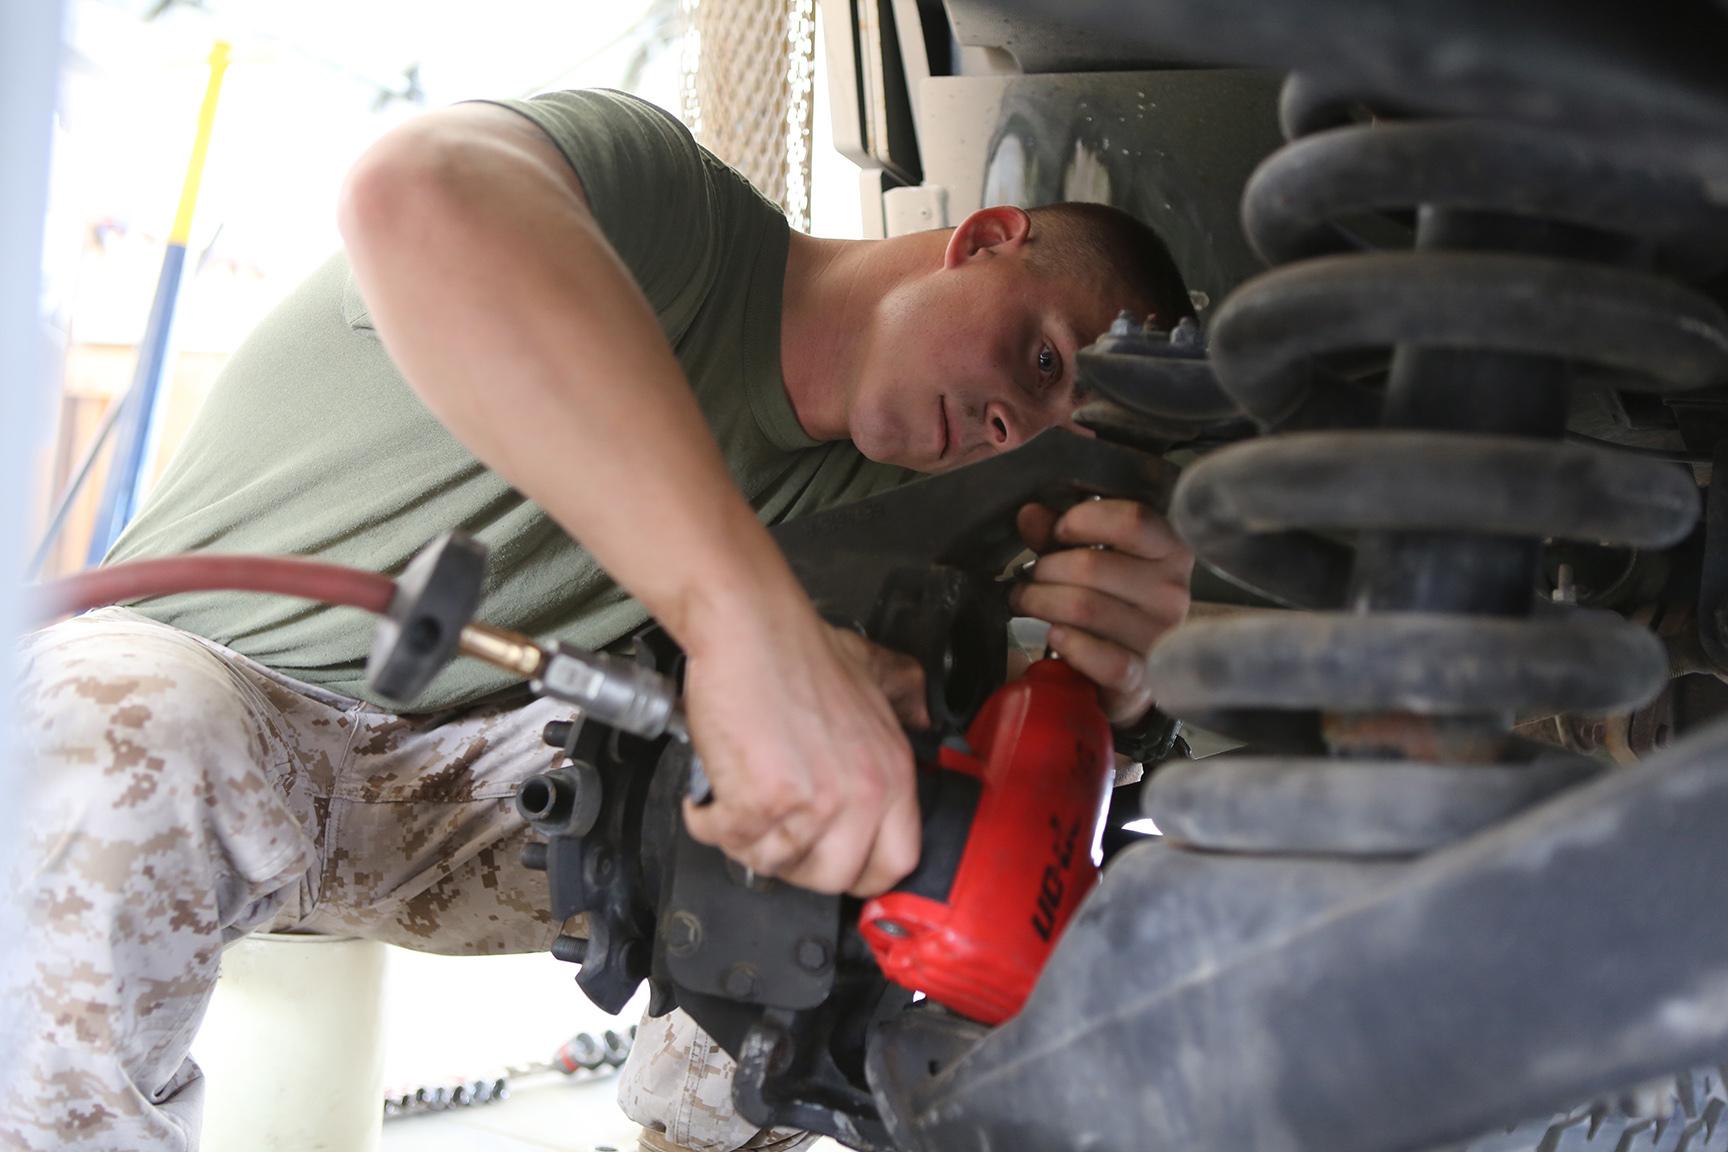 pog vs grunt marine 11th meu marines work on humvee